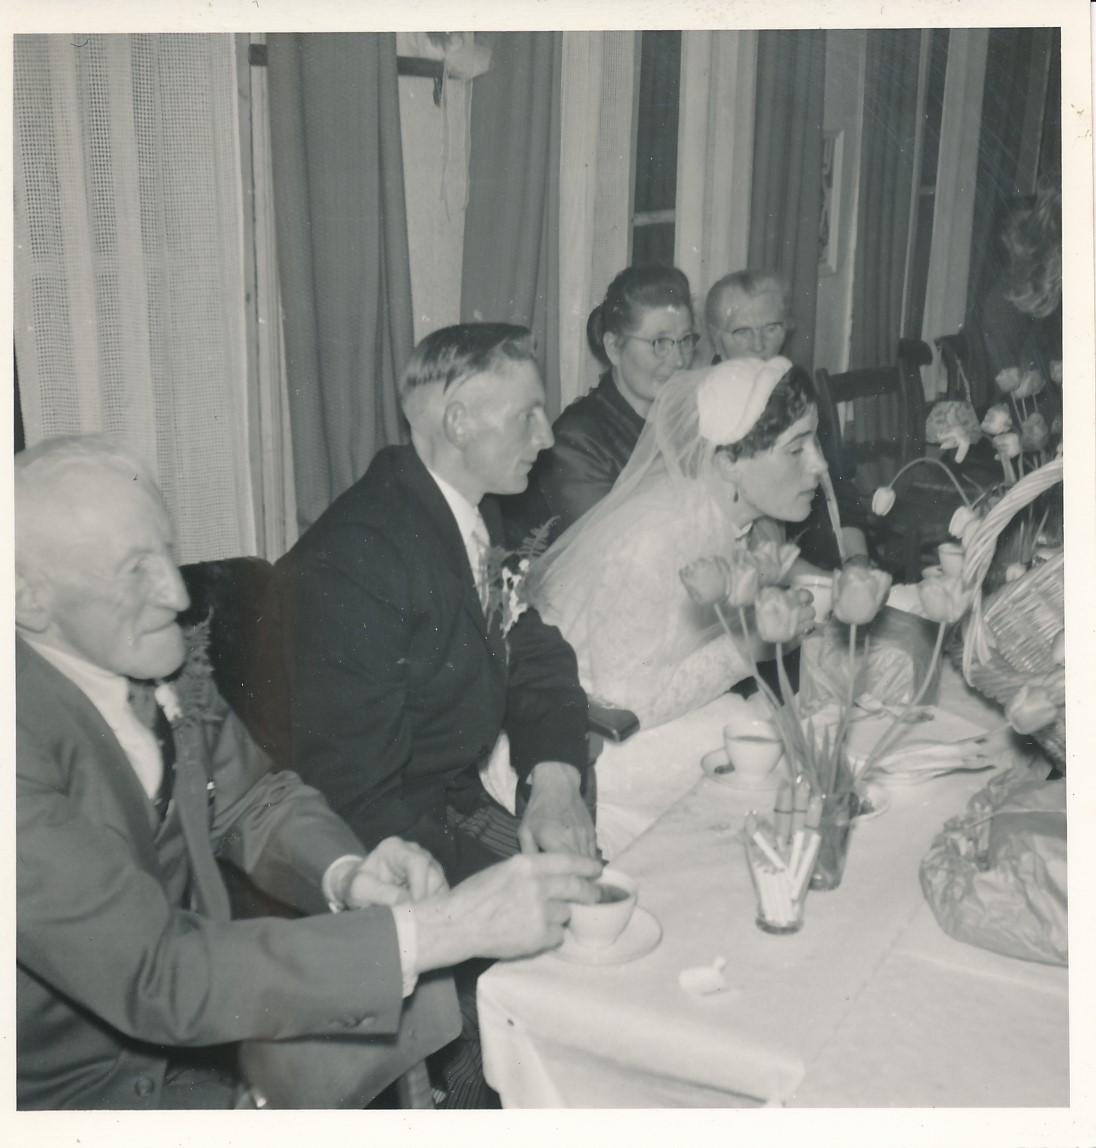 Fotoalbum Andre Kamsma, 078, Houliksfeest fan Hendrine en Frank Monkelbaan, maaie 1957